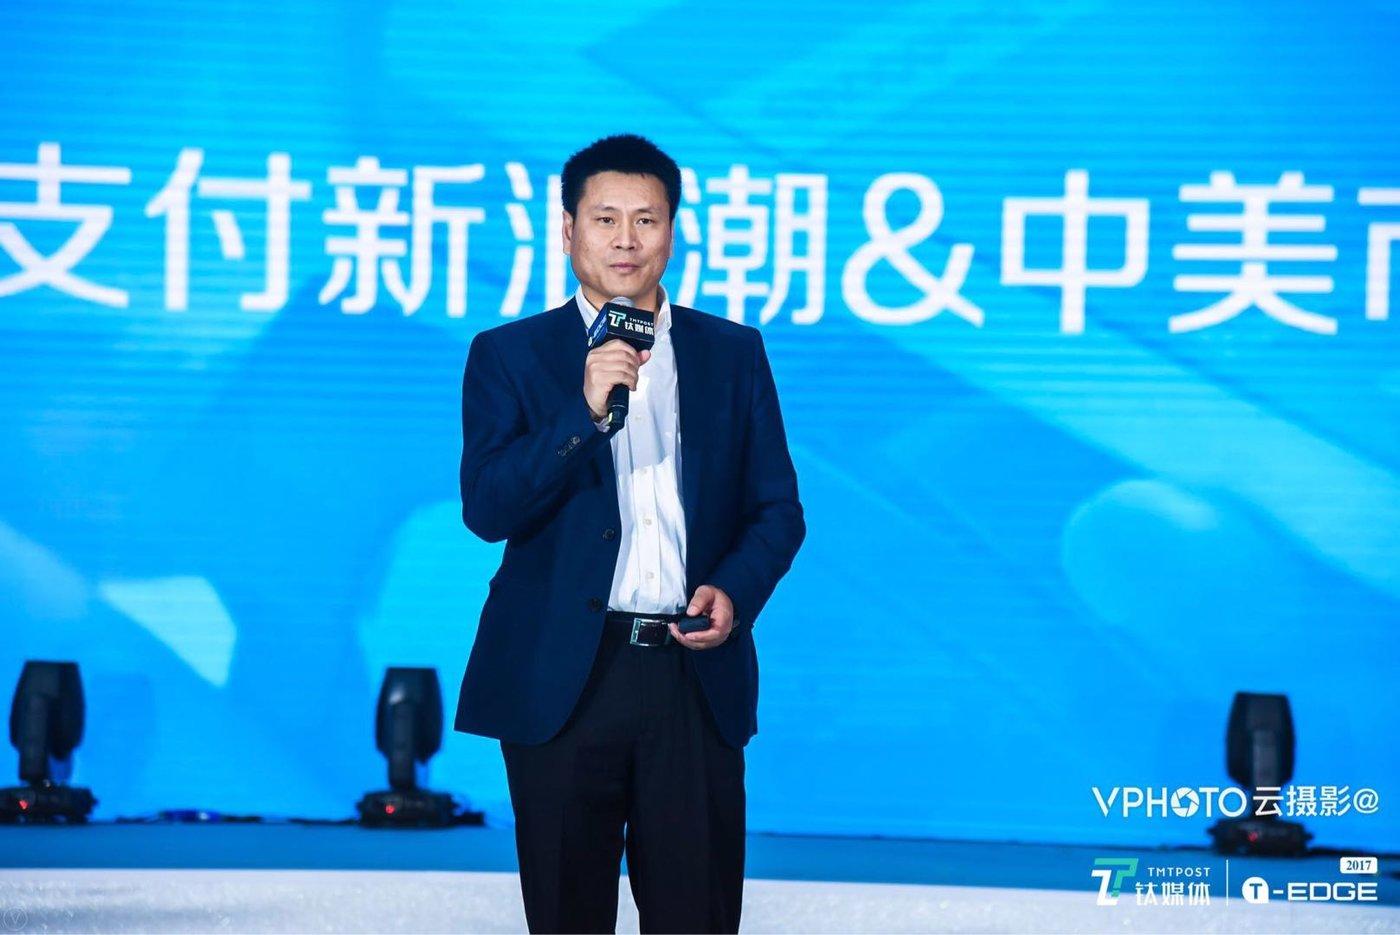 Citcon CEO 黄春波